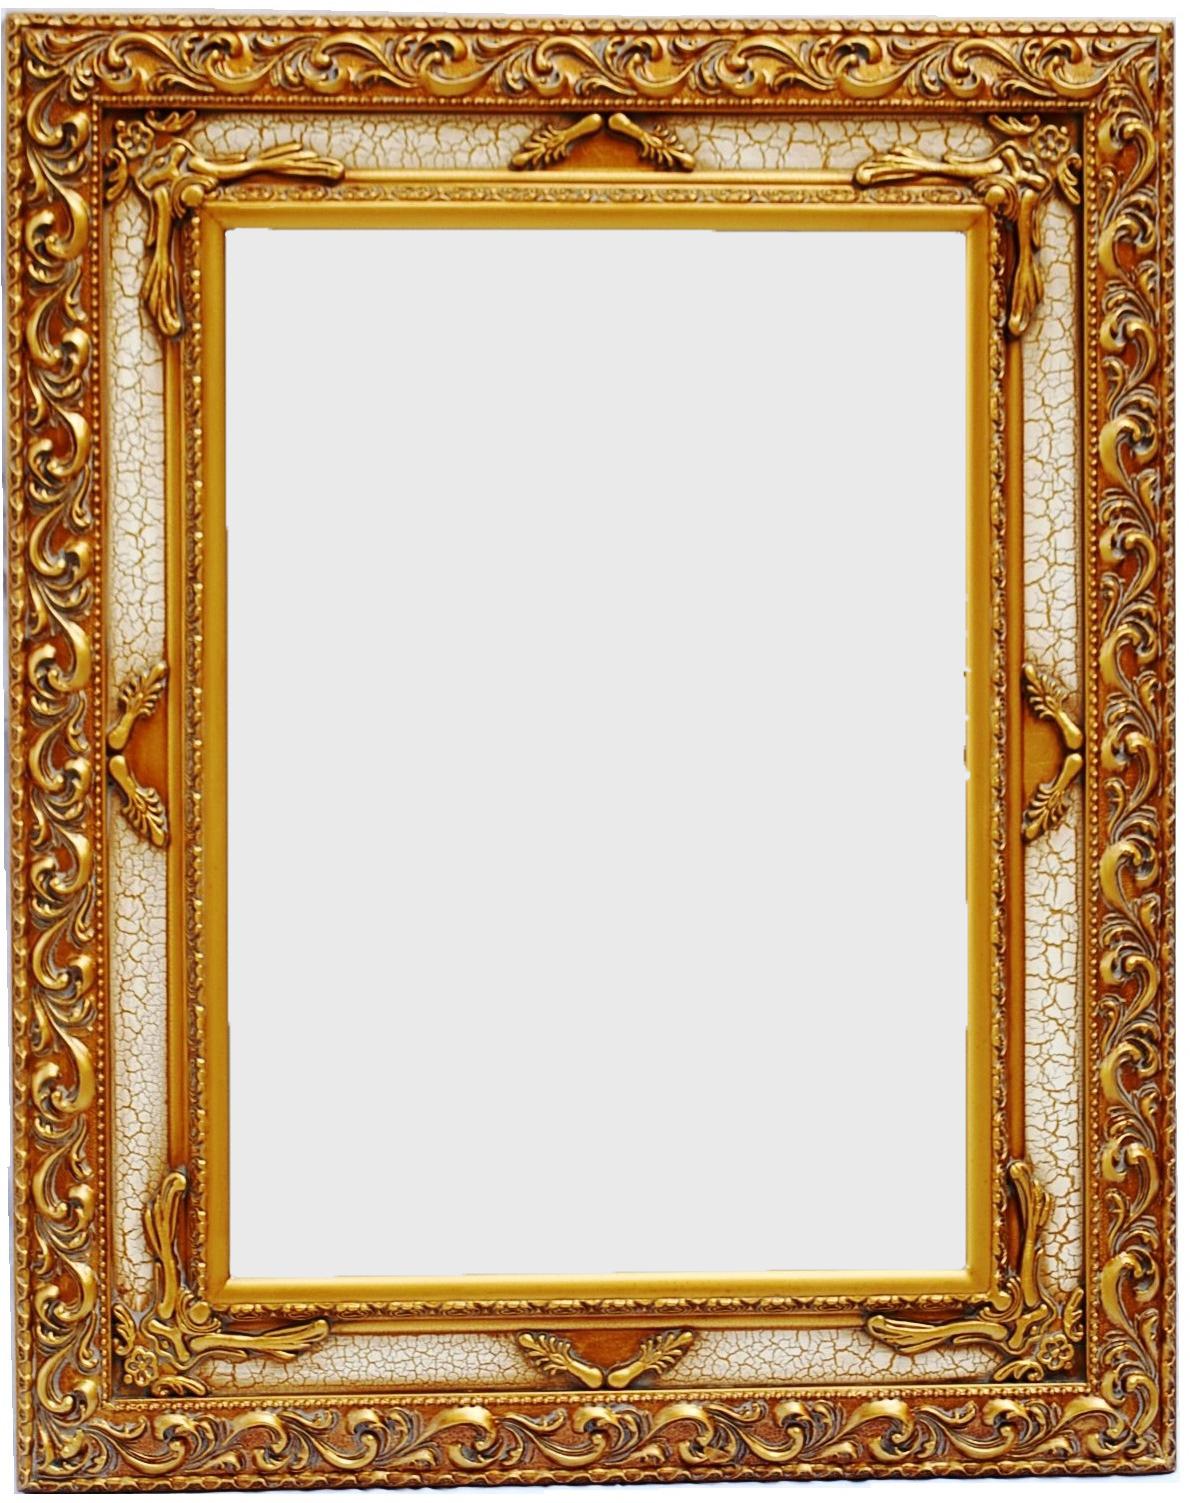 Καθρέπτης Ξύλινος Royal Art 50x70εκ. INA3/3073/70 (Υλικό: Ξύλο) - Royal Art Collection - INA3/3073/70